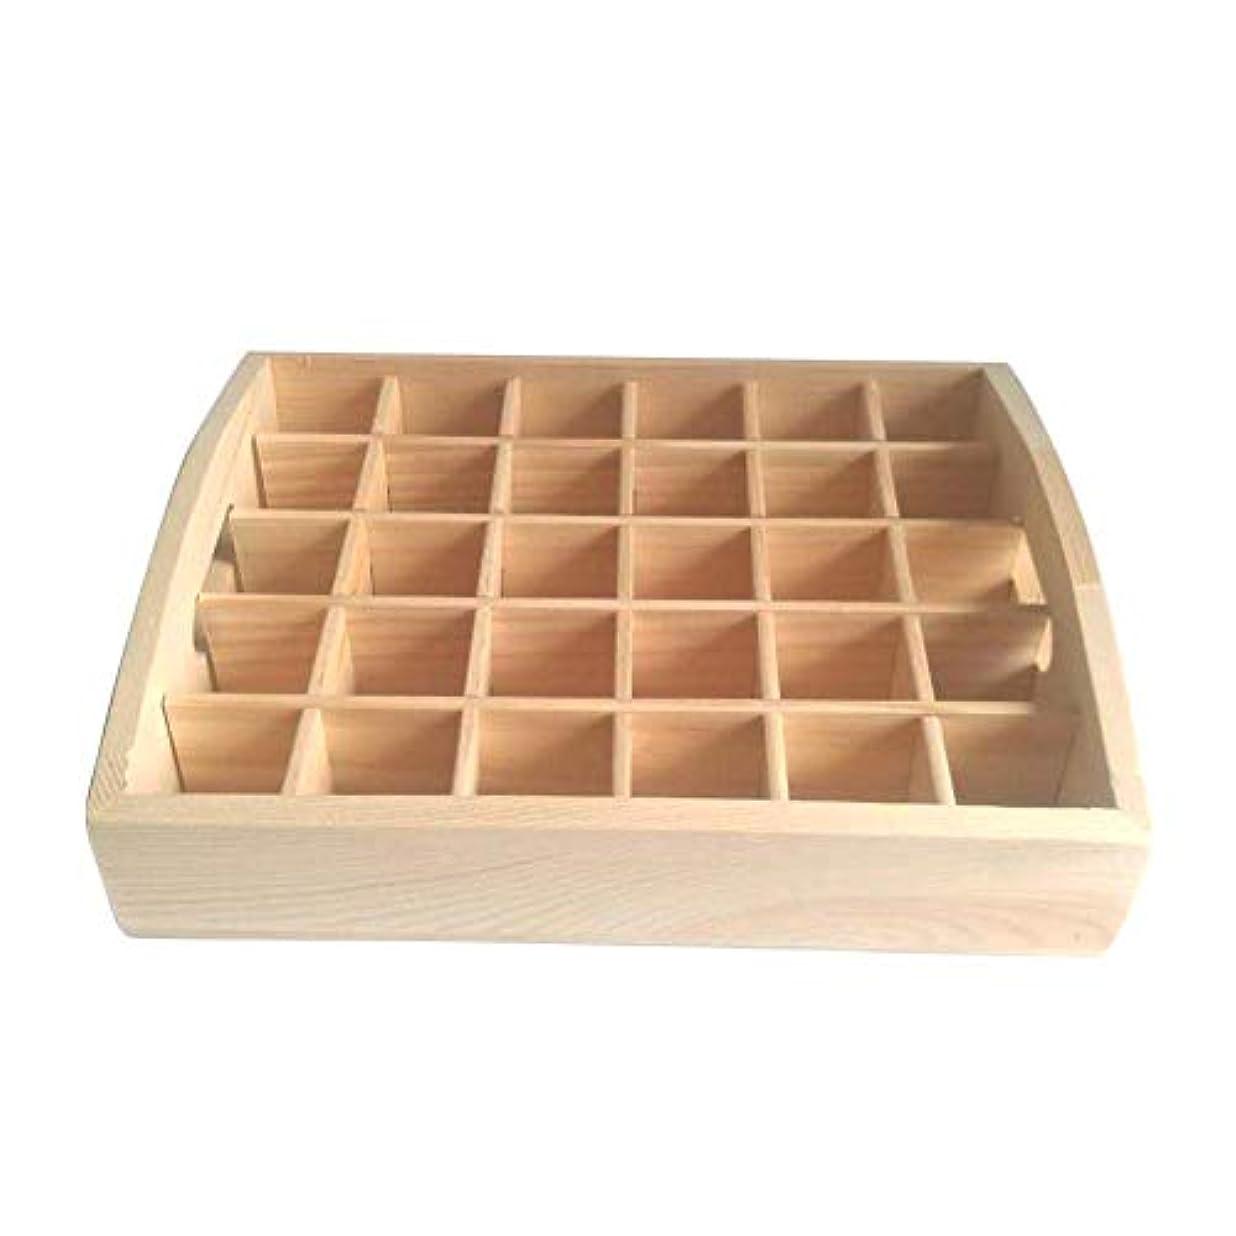 流す誕生日東ティモールPursue アロマオイルスタンド 精油収納 香水展示スタンド エッセンシャルオイル収納 木製 30本用